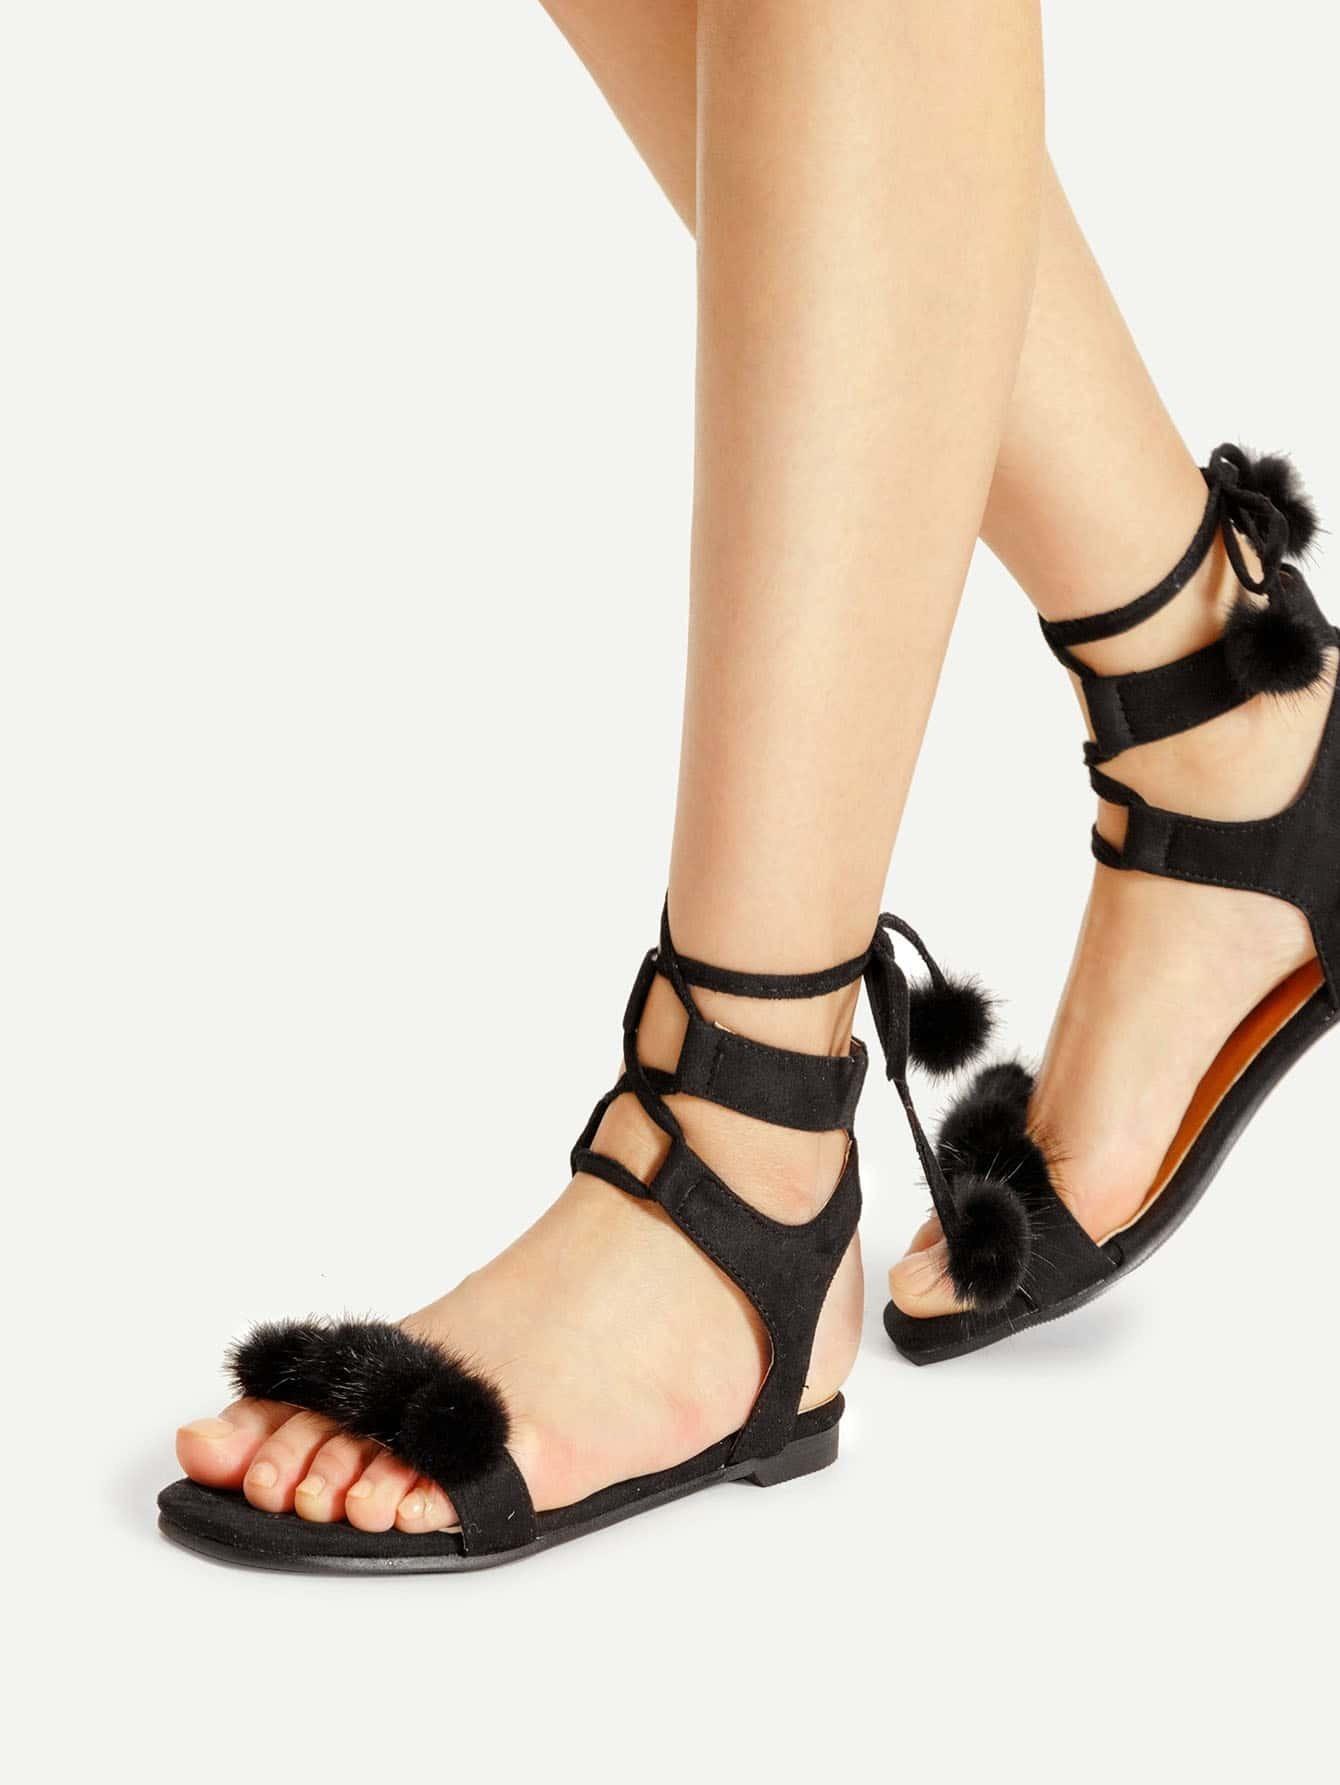 shoes170407810_2